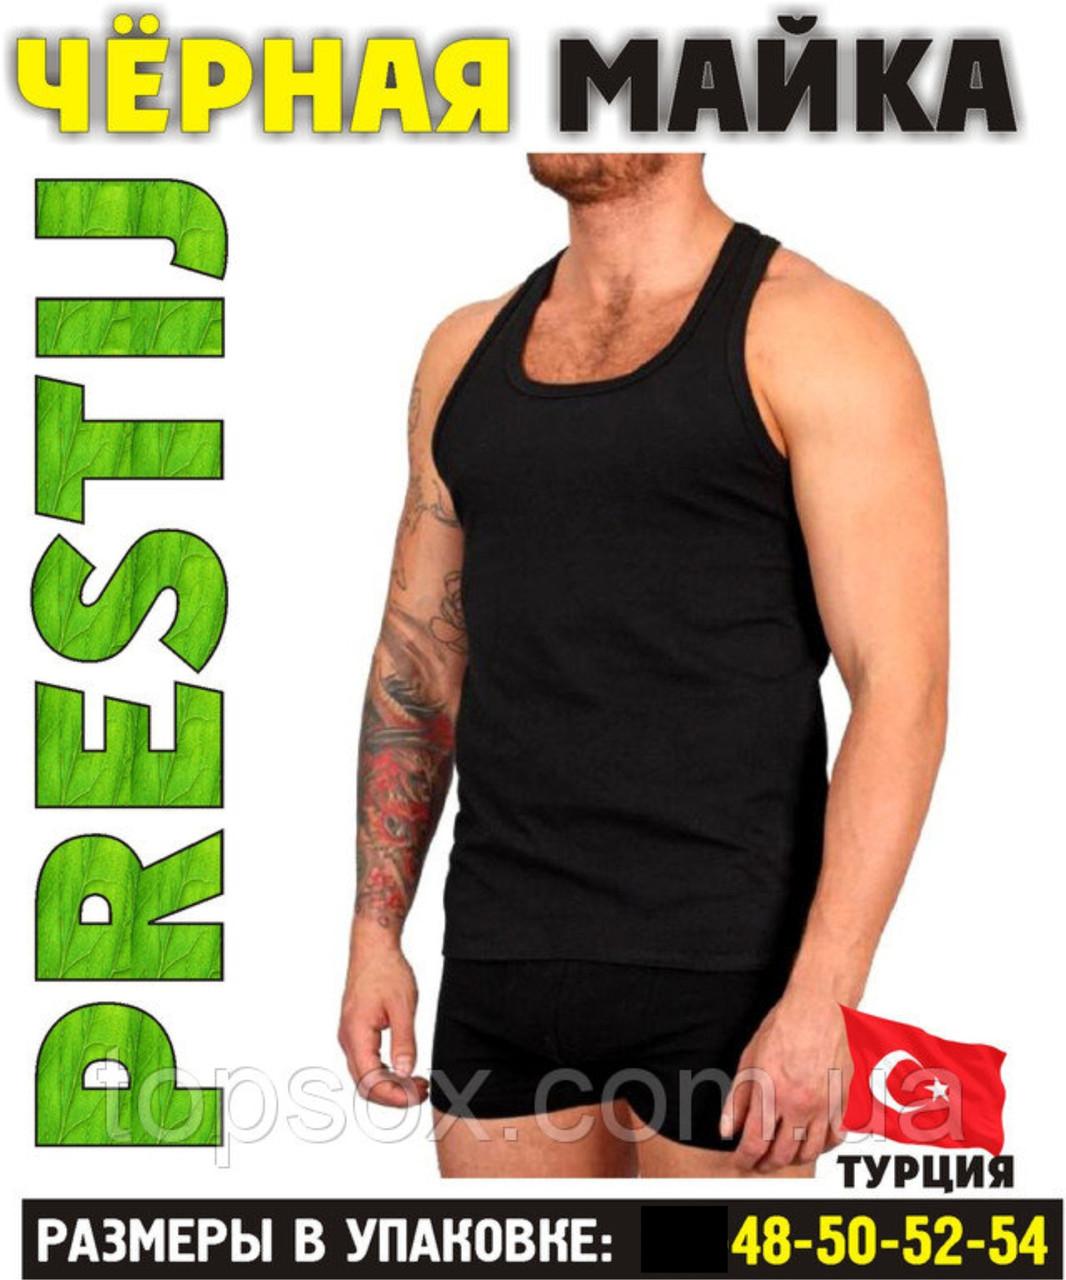 """Чёрная мужская майка хлопок """"PRESTIJ"""" Турция однотонная без надписи  ММ-257"""